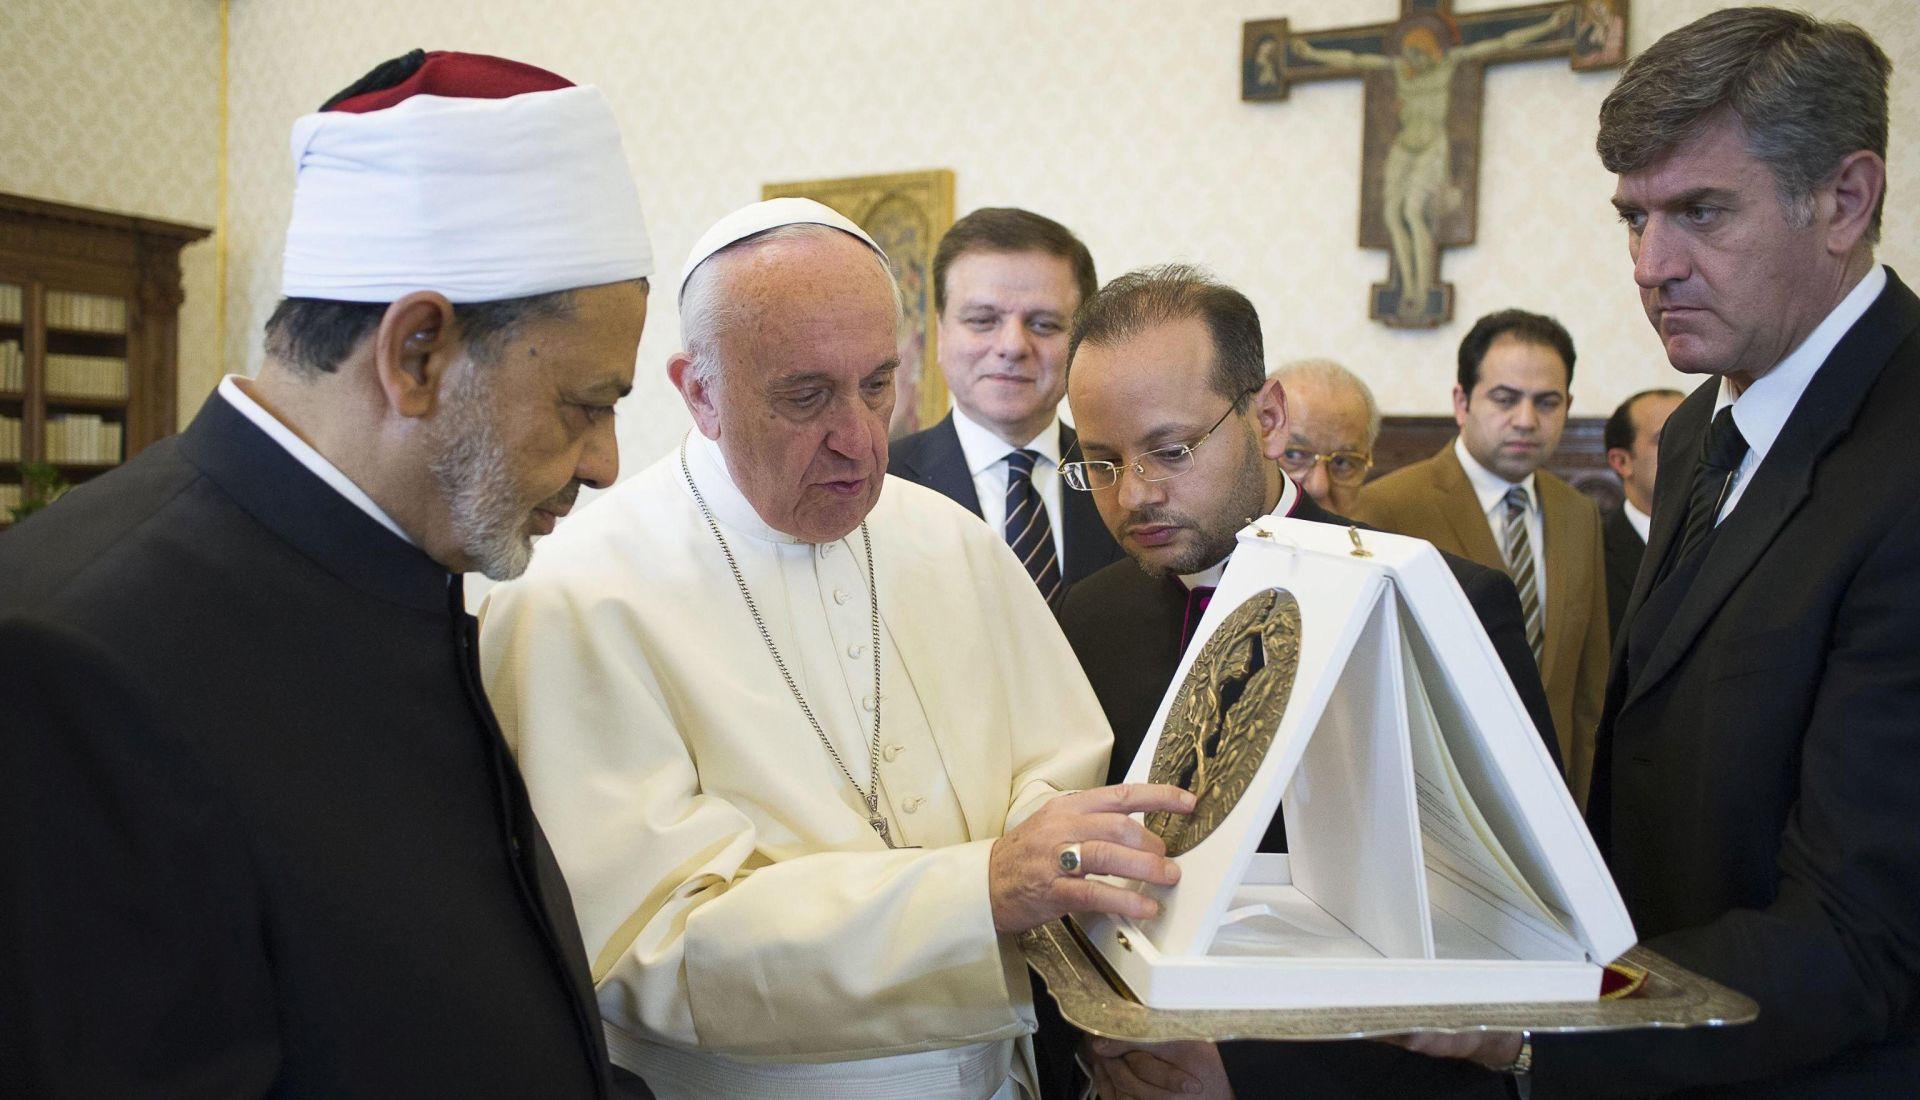 Papa Franjo u Egiptu jača odnose s muslimanima i solidarizira se s kršćanima